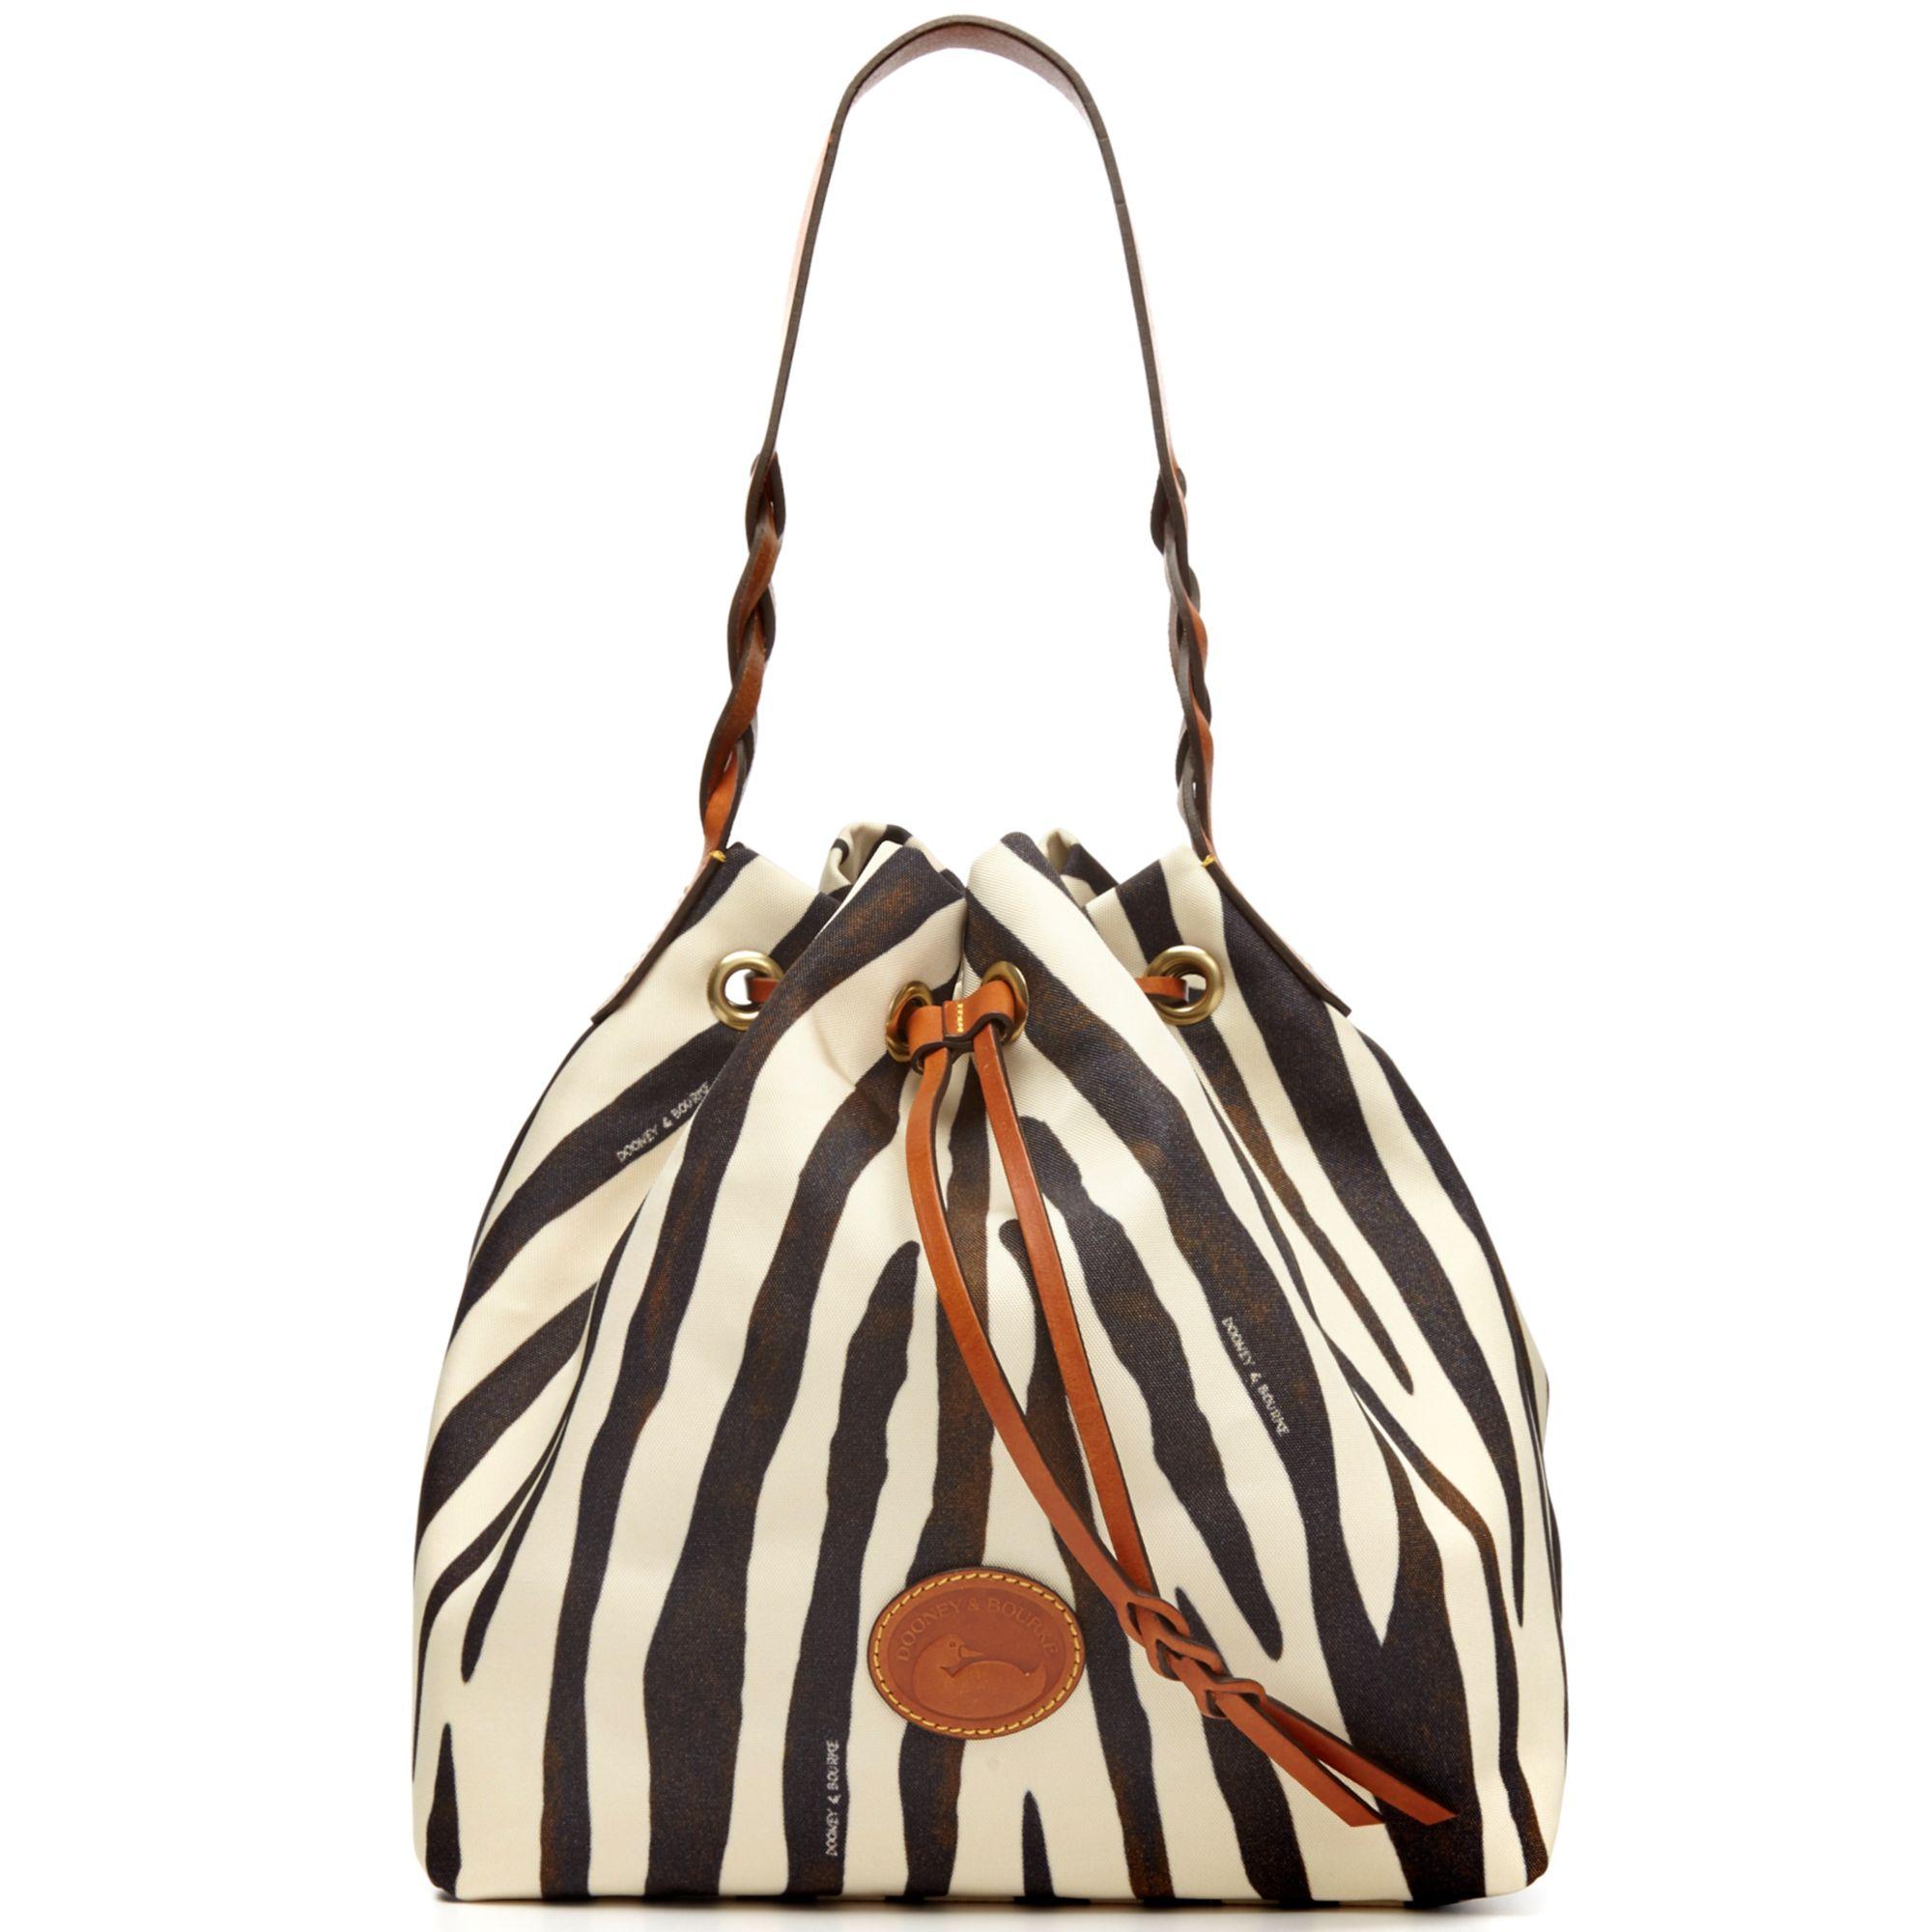 Dooney Bourke Nubuck Bristol Satchel Brown Women Handbags Purses New Collection